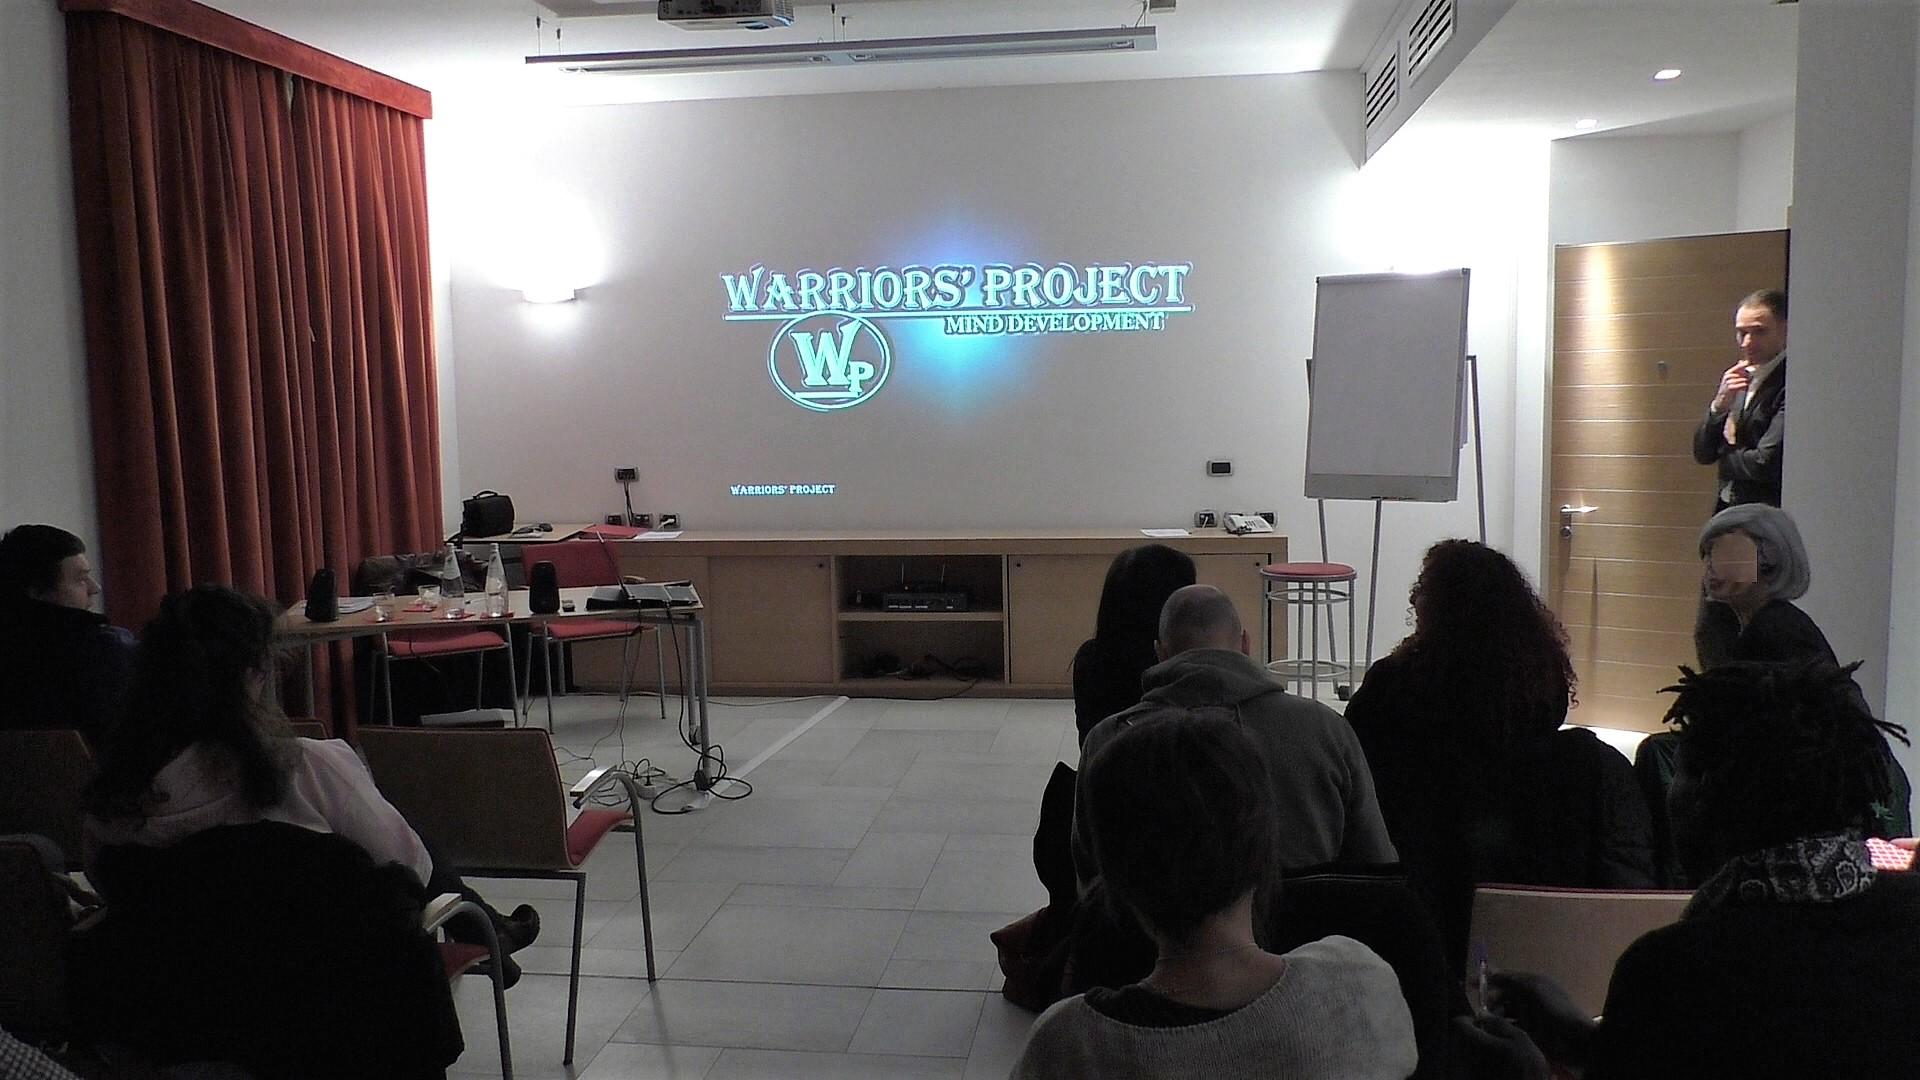 Corso di formazione warriors' project reggio emilia su strategie obiettivi mentalità vincenti vincenzo cento